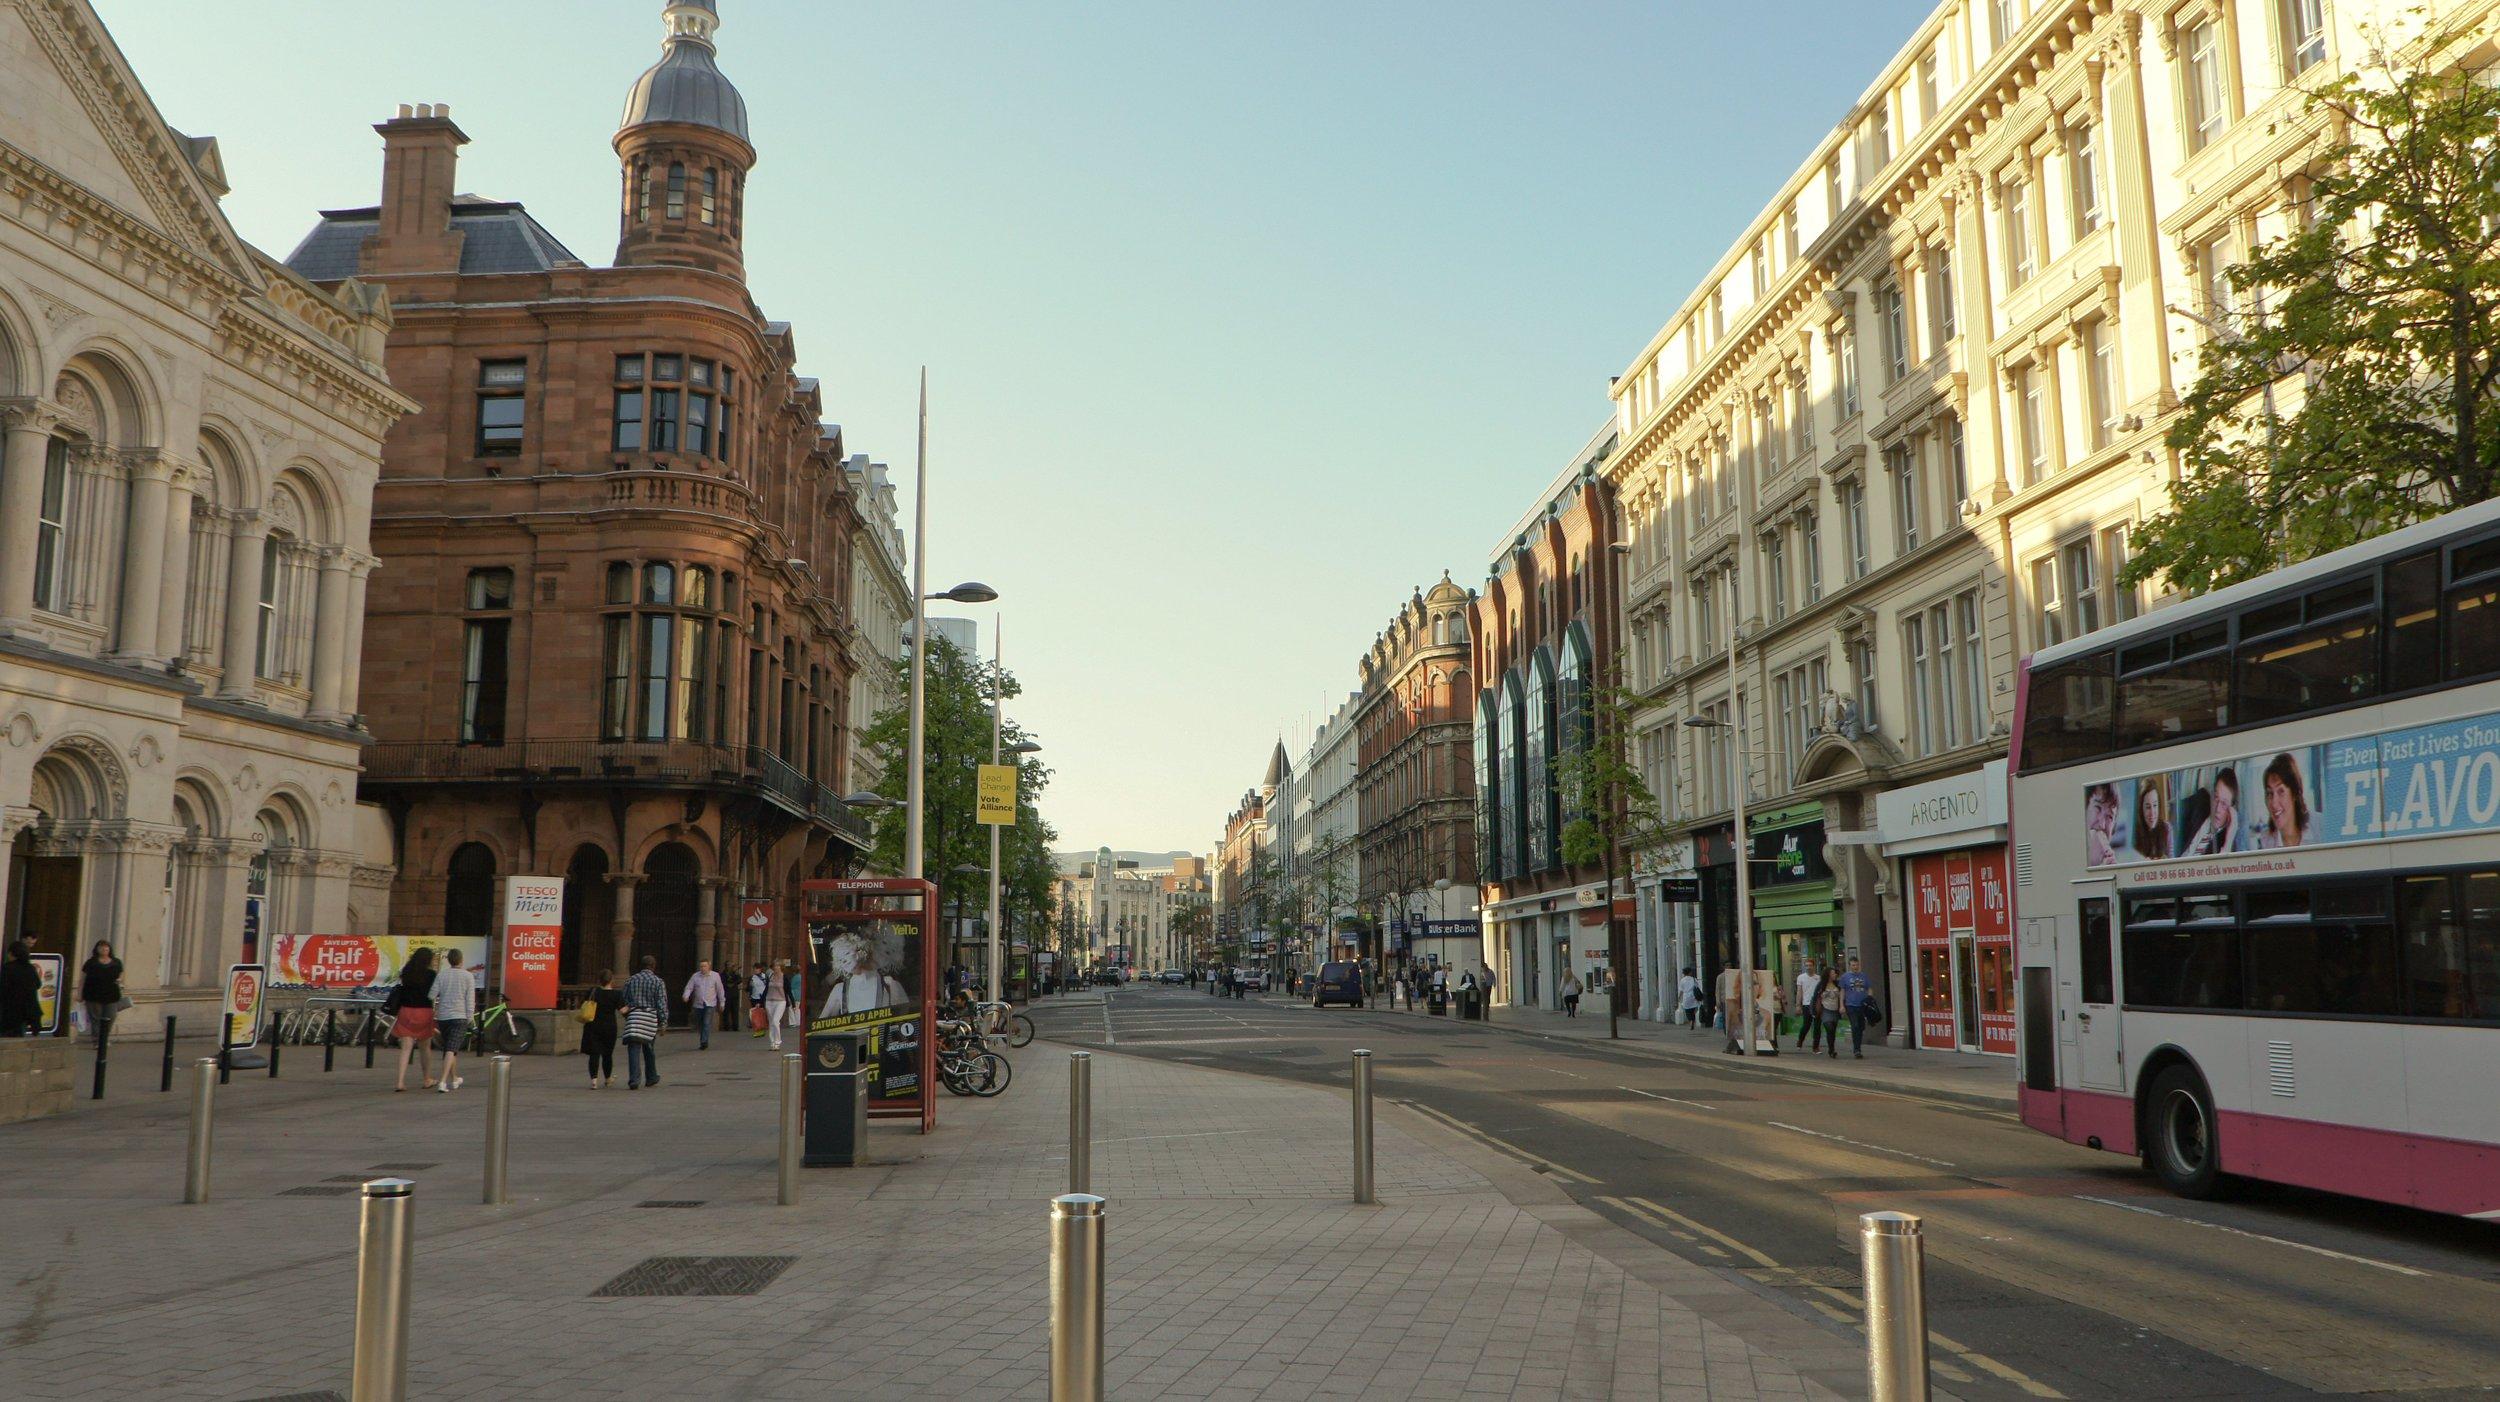 Đại lộ Hoàng Gia ở Belfast. Nguồn ảnh: Wikipedia